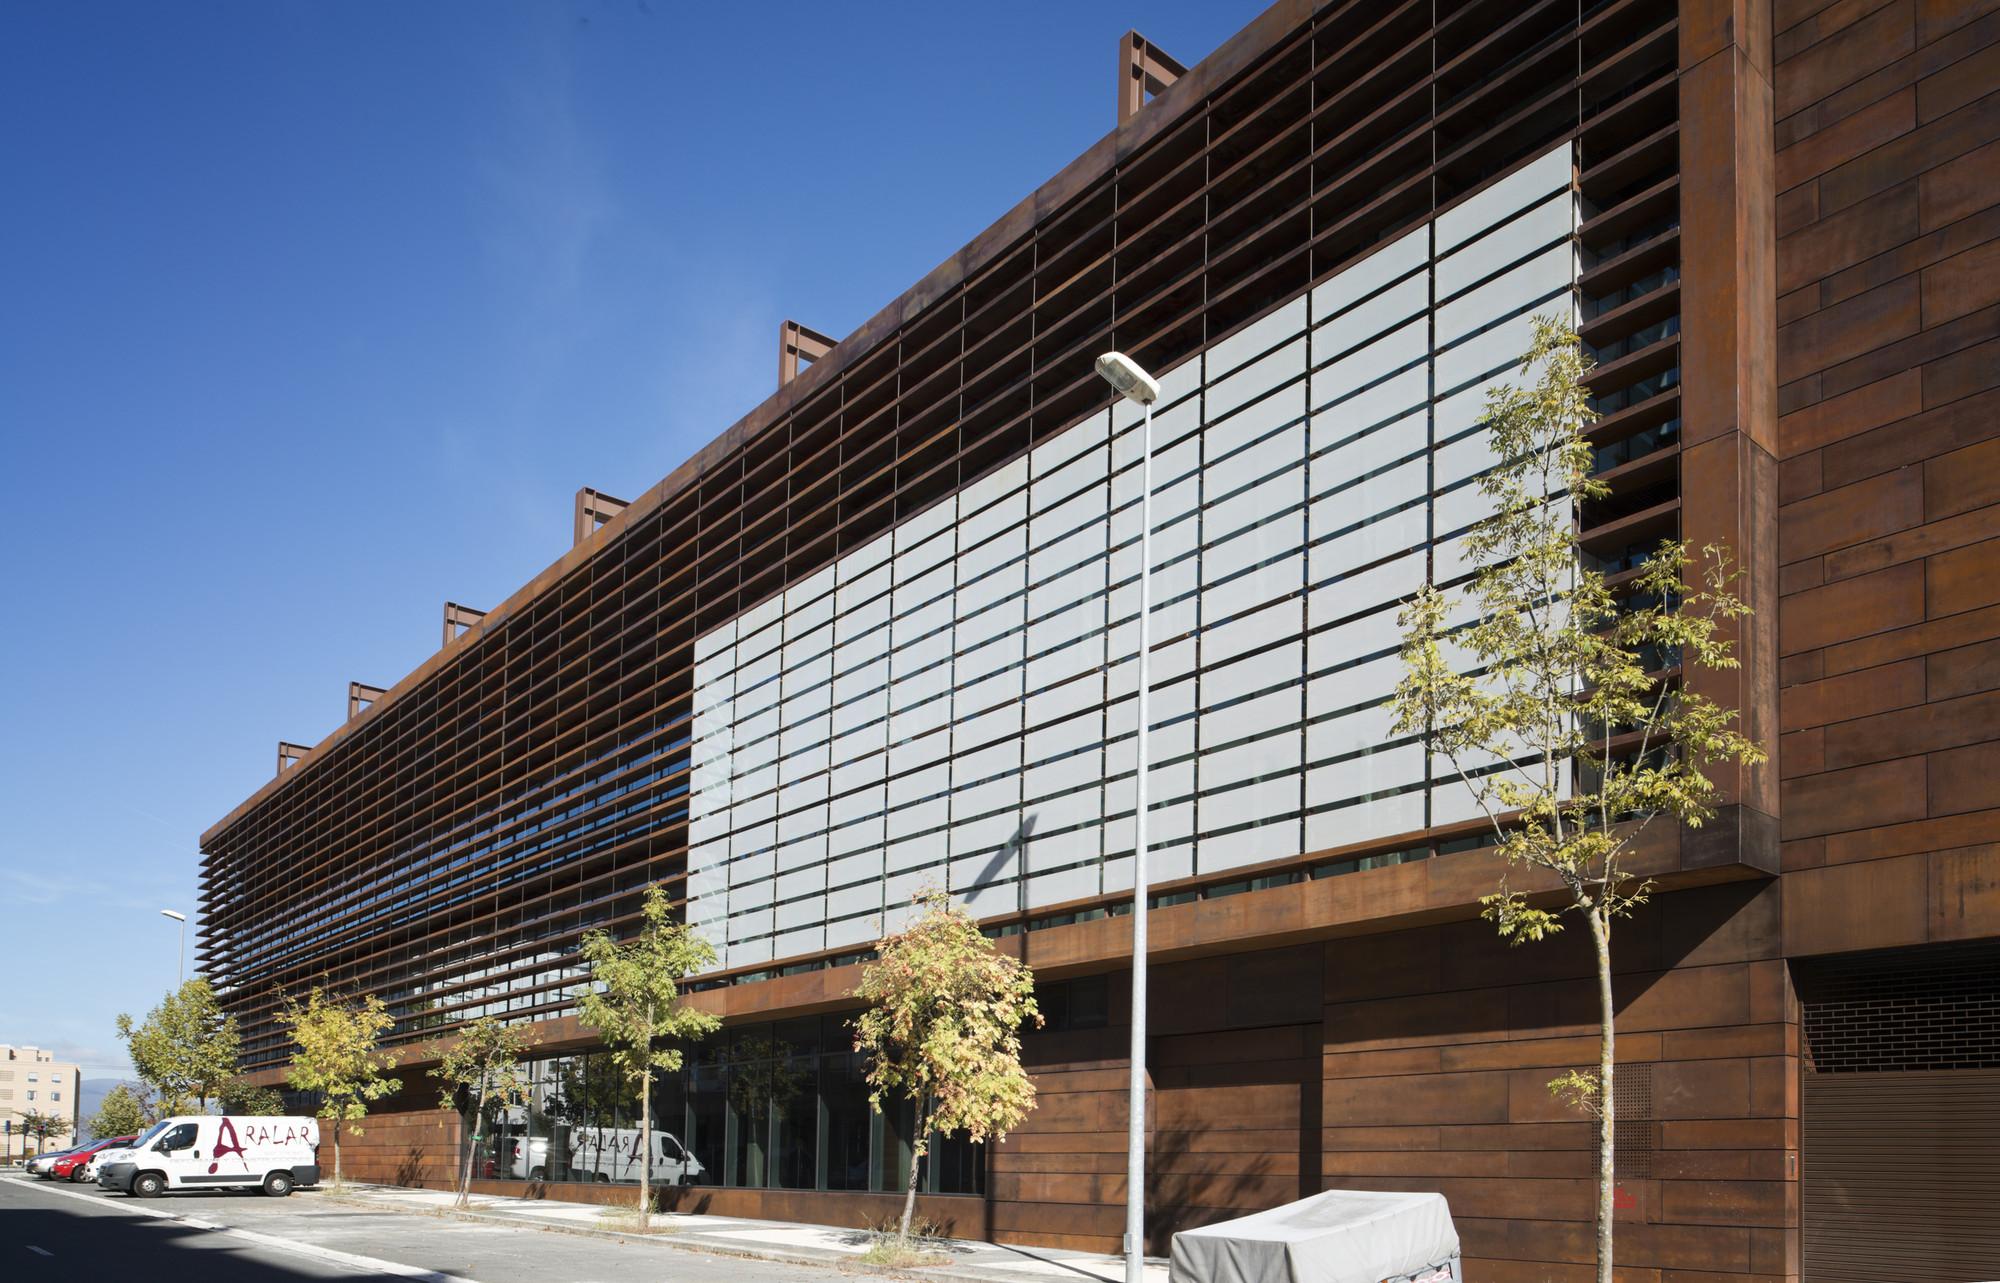 Gallery of office building in vitoria lh14 arquitectos 2 - Arquitectos vitoria ...